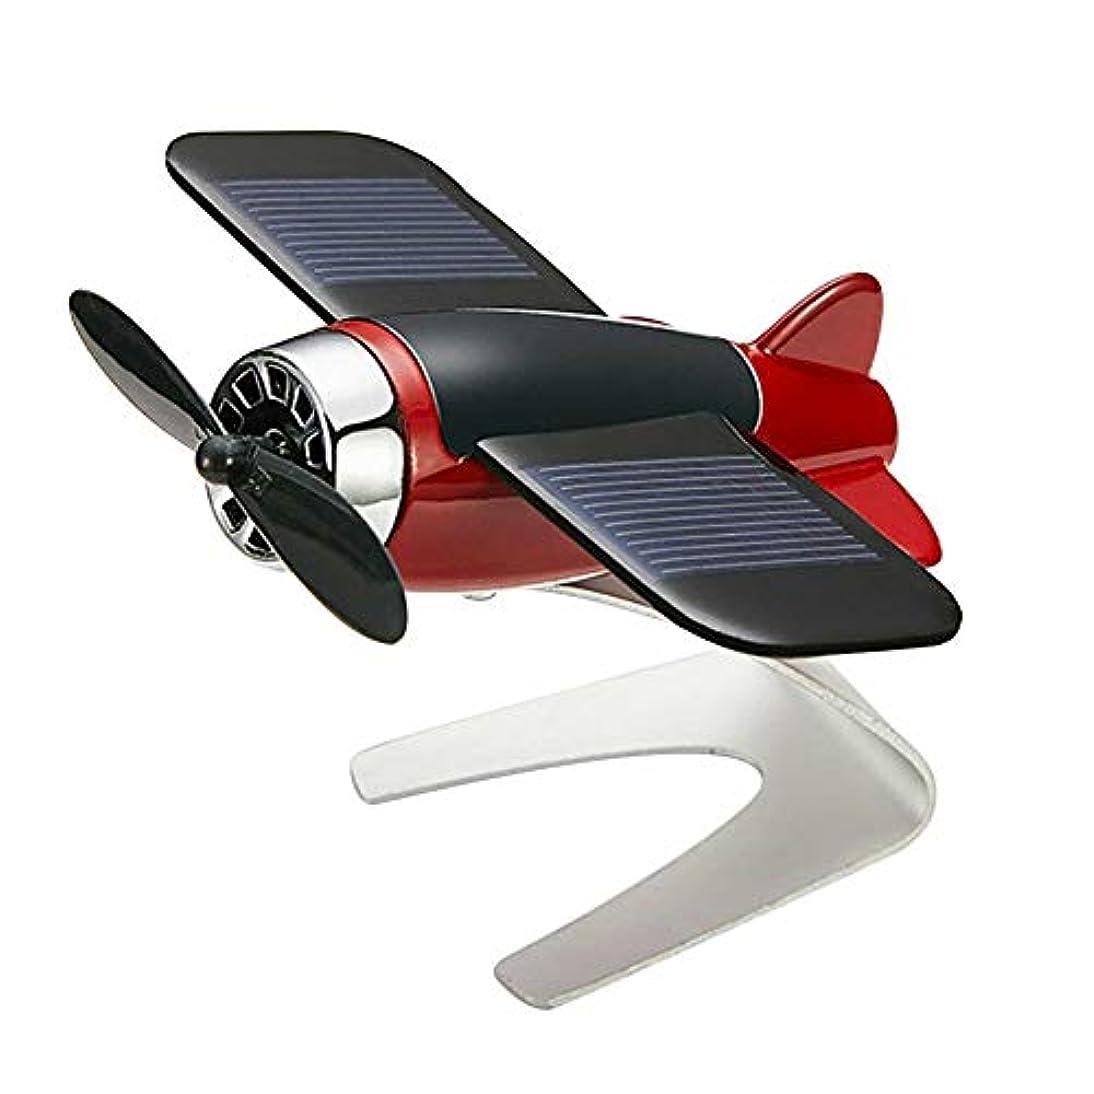 数学刈るダイヤモンドSymboat 車の芳香剤飛行機航空機モデル太陽エネルギーアロマテラピー室内装飾